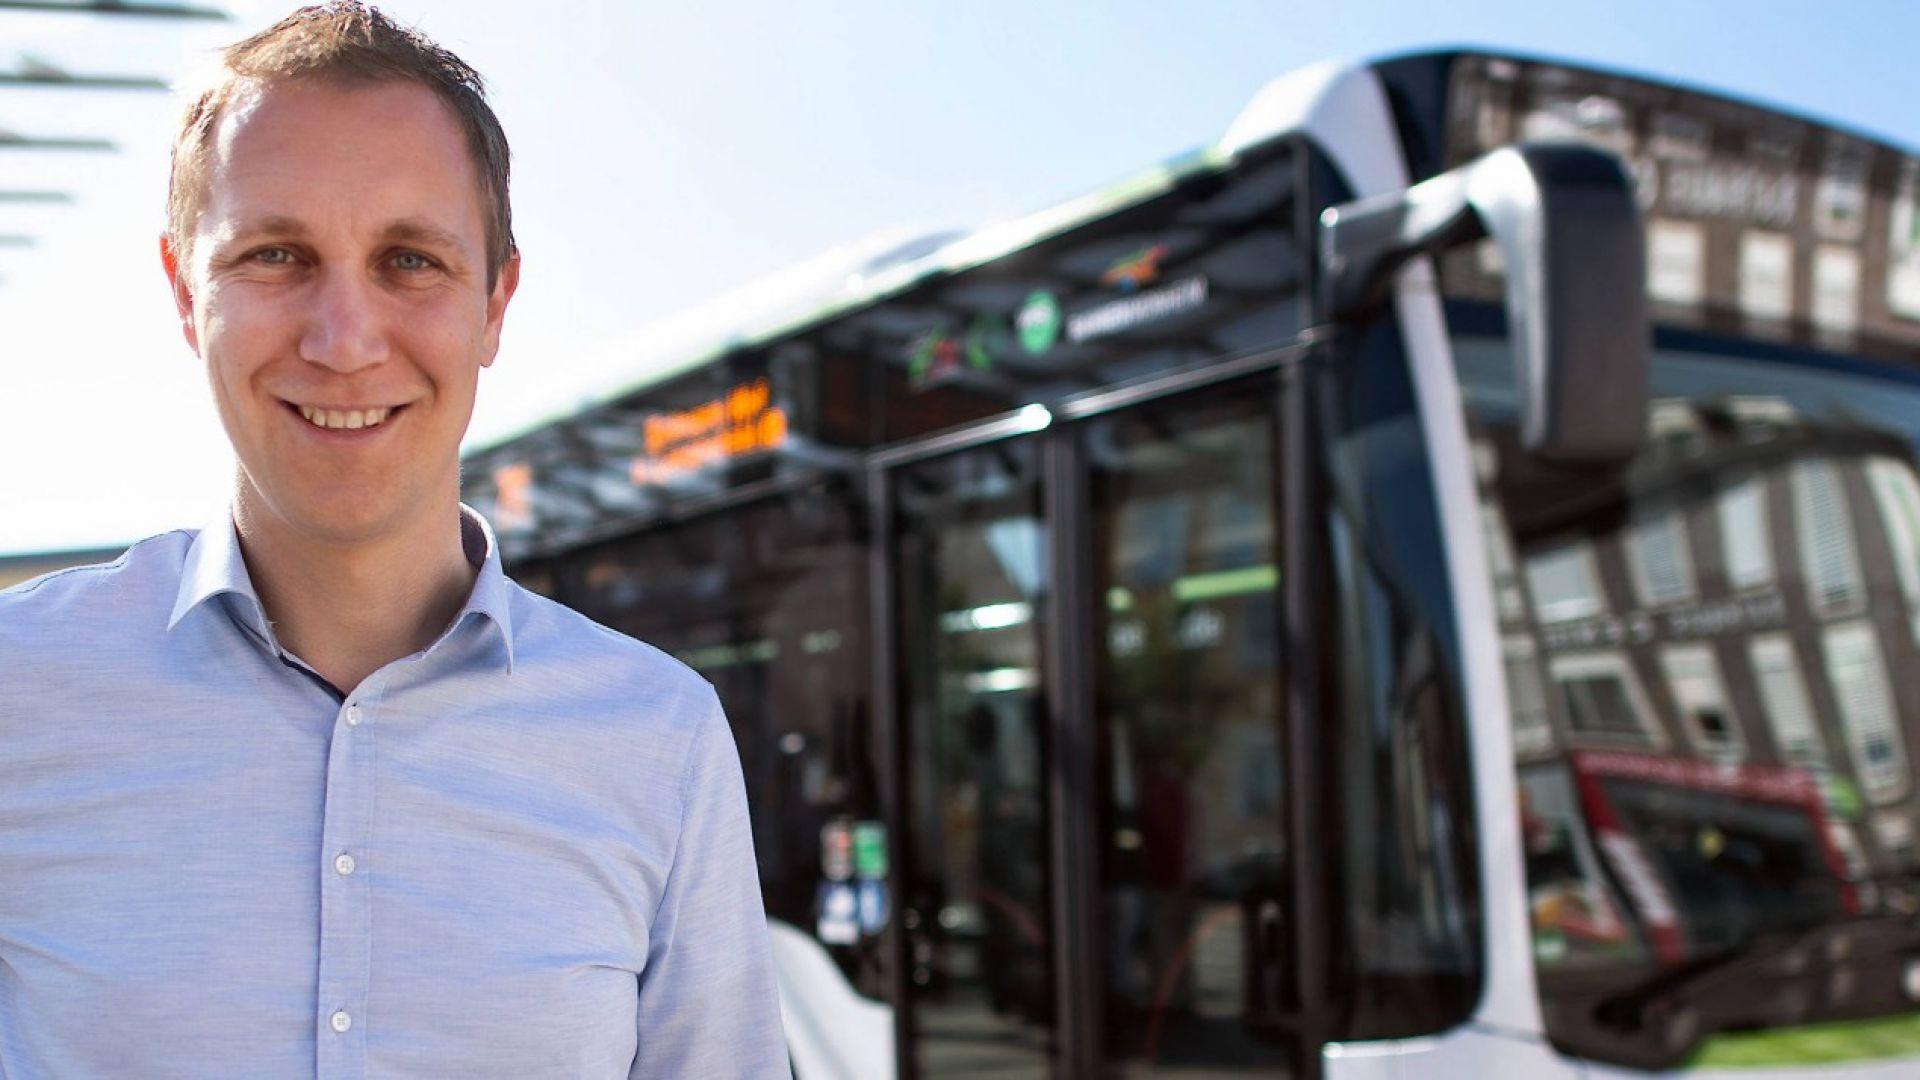 Германски град гласува общественият транспорт да бъде безплатен